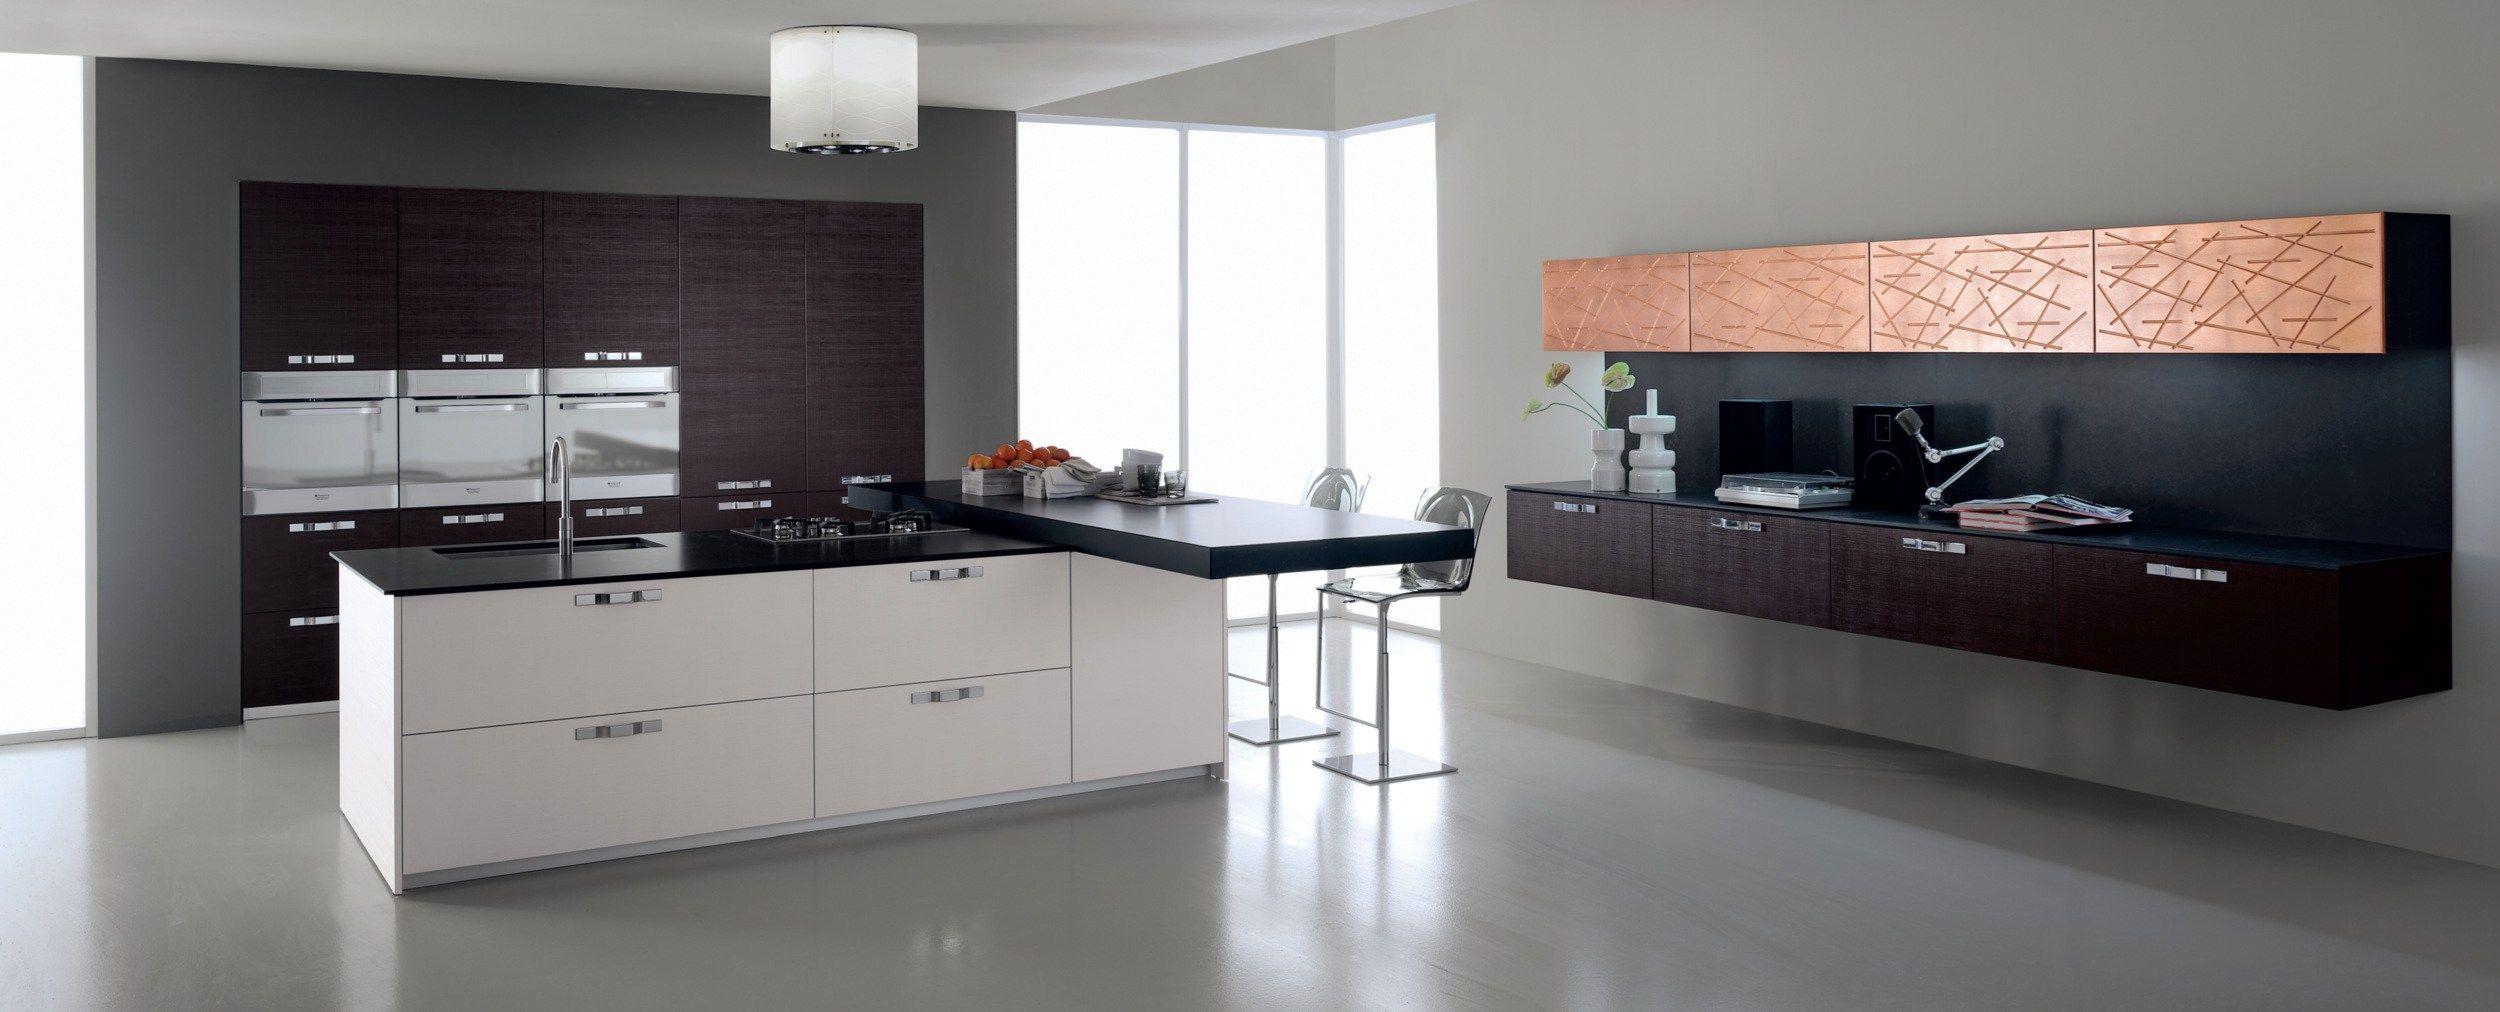 Stunning Cucine Del Tongo Torino Pictures - Ideas & Design 2017 ...